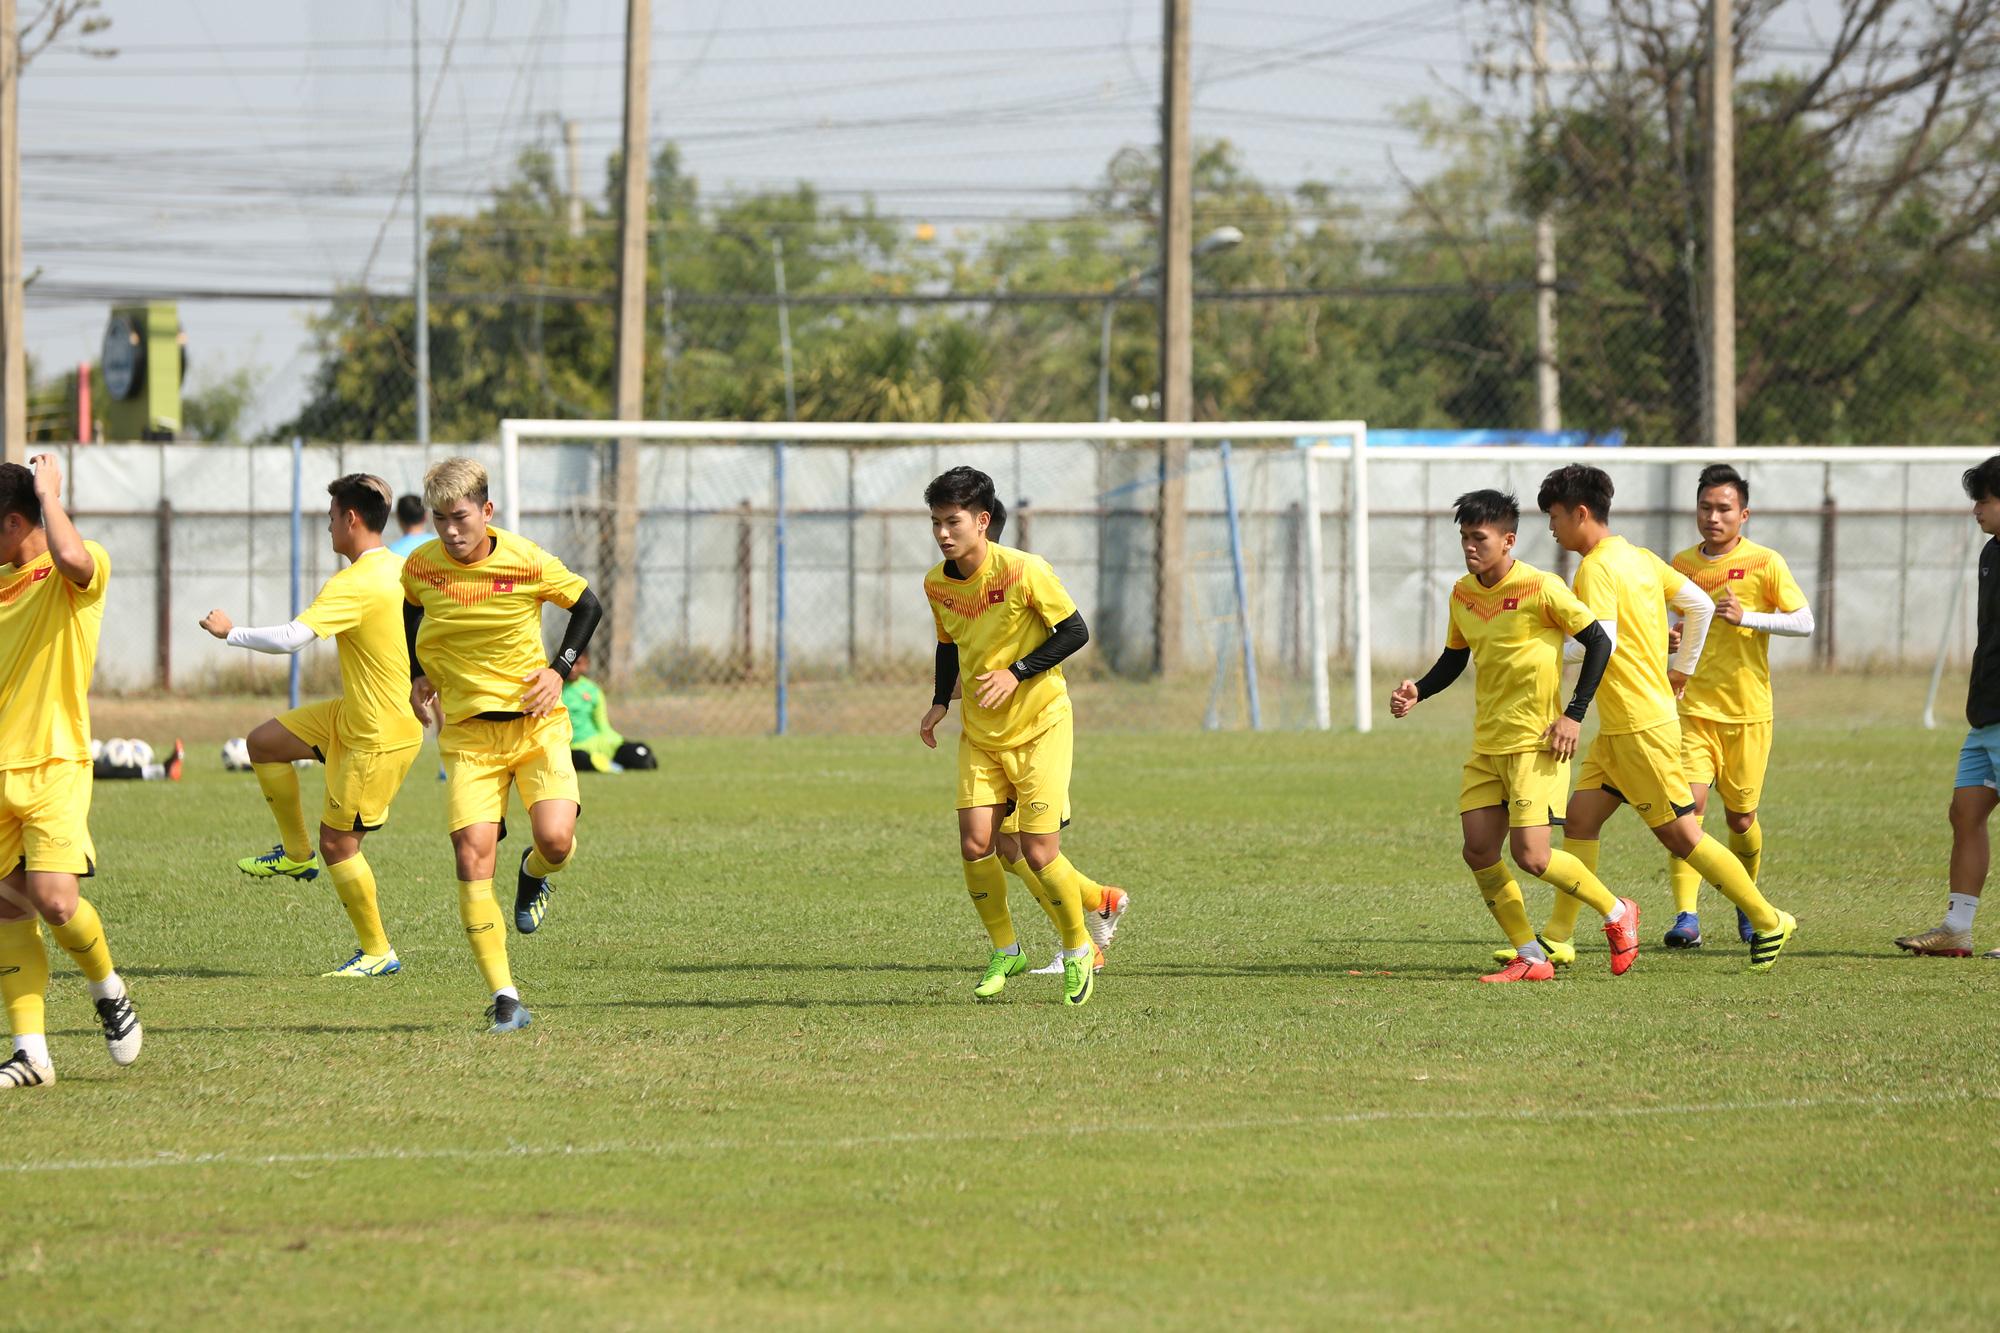 HLV Park Hang-seo trầm ngâm trong buổi tập sau trận hòa U23 UAE 2